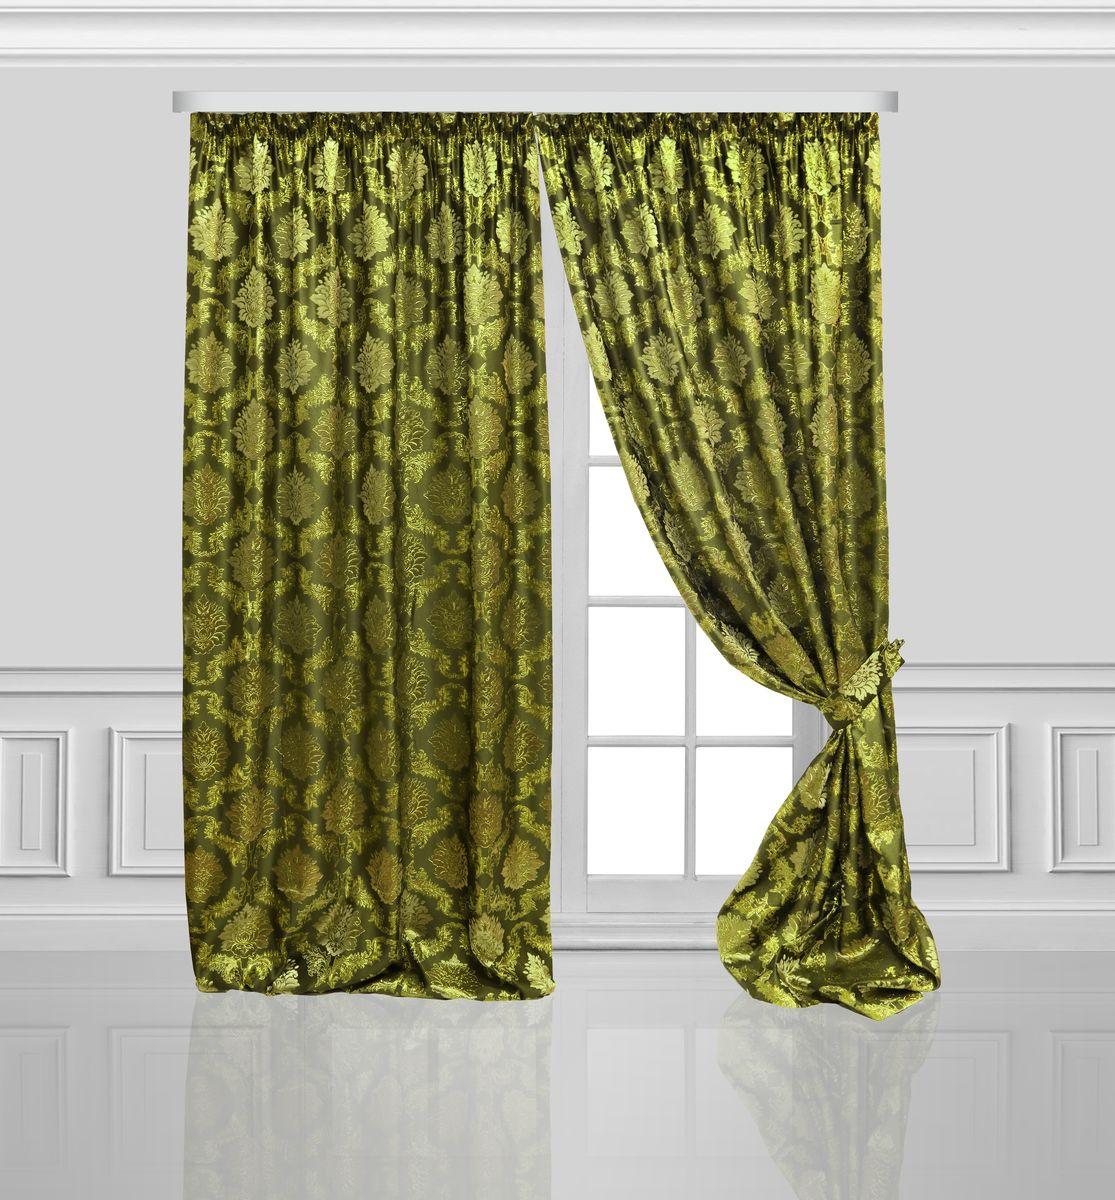 Комплект штор Zlata Korunka, на ленте, цвет: зеленый, высота 270 см. 777078777078Роскошный комплект штор Zlata Korunka комплект состоит из двух штор и двух подхватов, выполненных из 100% полиэстера, которые великолепно украсит любое окно. Плотная ткань, оригинальный орнамент и приятная, приглушенная гамма привлекут к себе внимание и органично впишутся в интерьер помещения. Комплект крепится на карниз при помощи шторной ленты, которая поможет красиво и равномерно задрапировать верх.Этот комплект будет долгое время радовать вас и вашу семью! В комплект входит: Штора: 2 шт. Размер (ШхВ): 160 см х 270 см. Подхват: 2 шт.